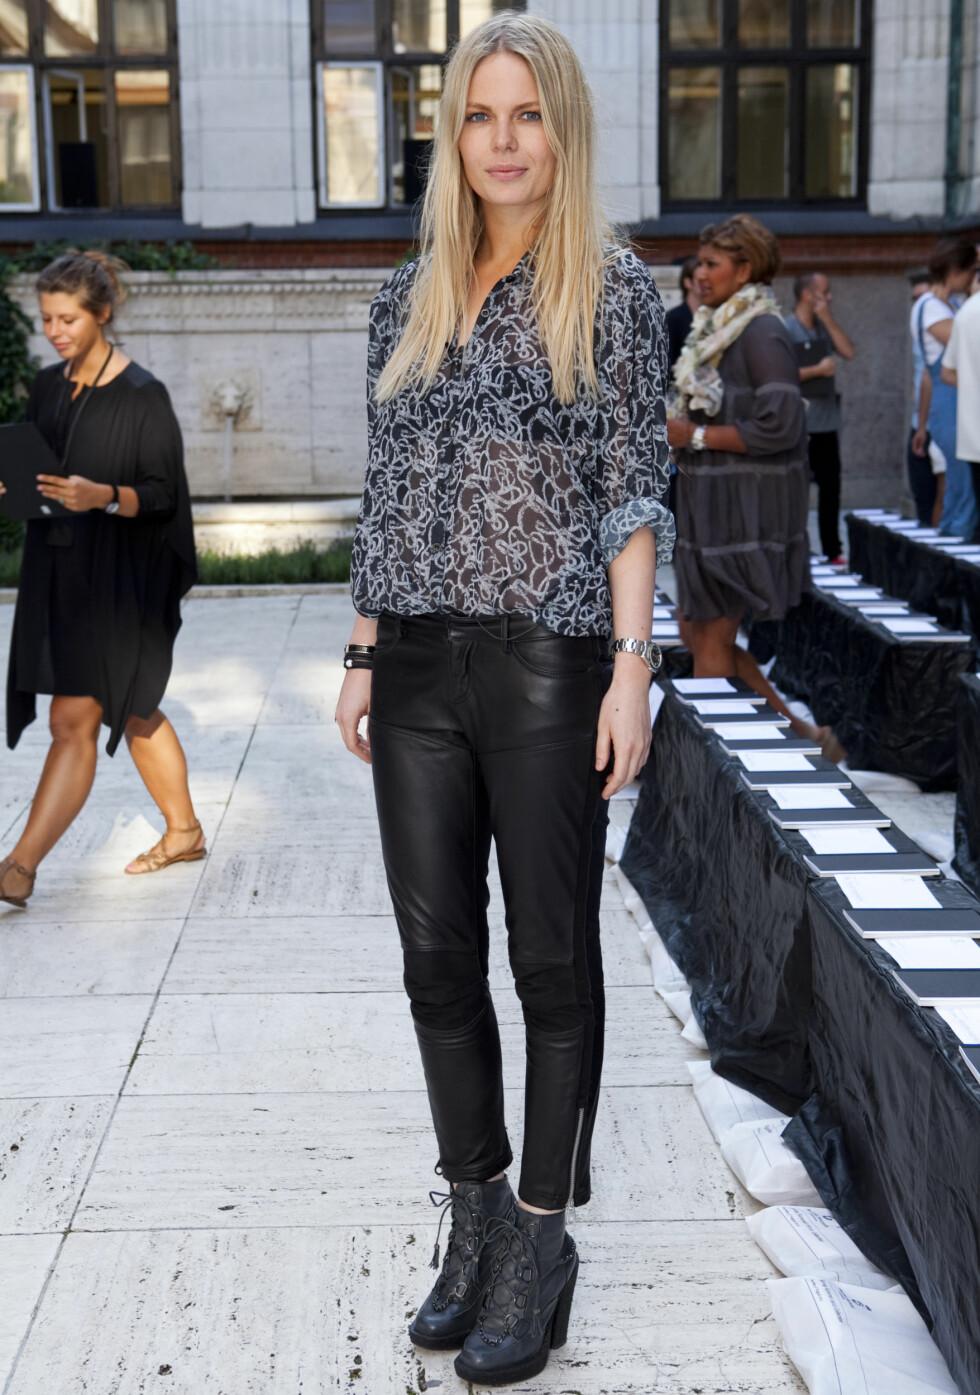 FOR DEN VÅGALE: Camille Berner (27) ønsker seg et par sølvbukser i høst. Her har hun på seg skreddersydde skinnbukser, bluse fra Storm & Marie og boots fra Topshop. Foto: Per Ervland